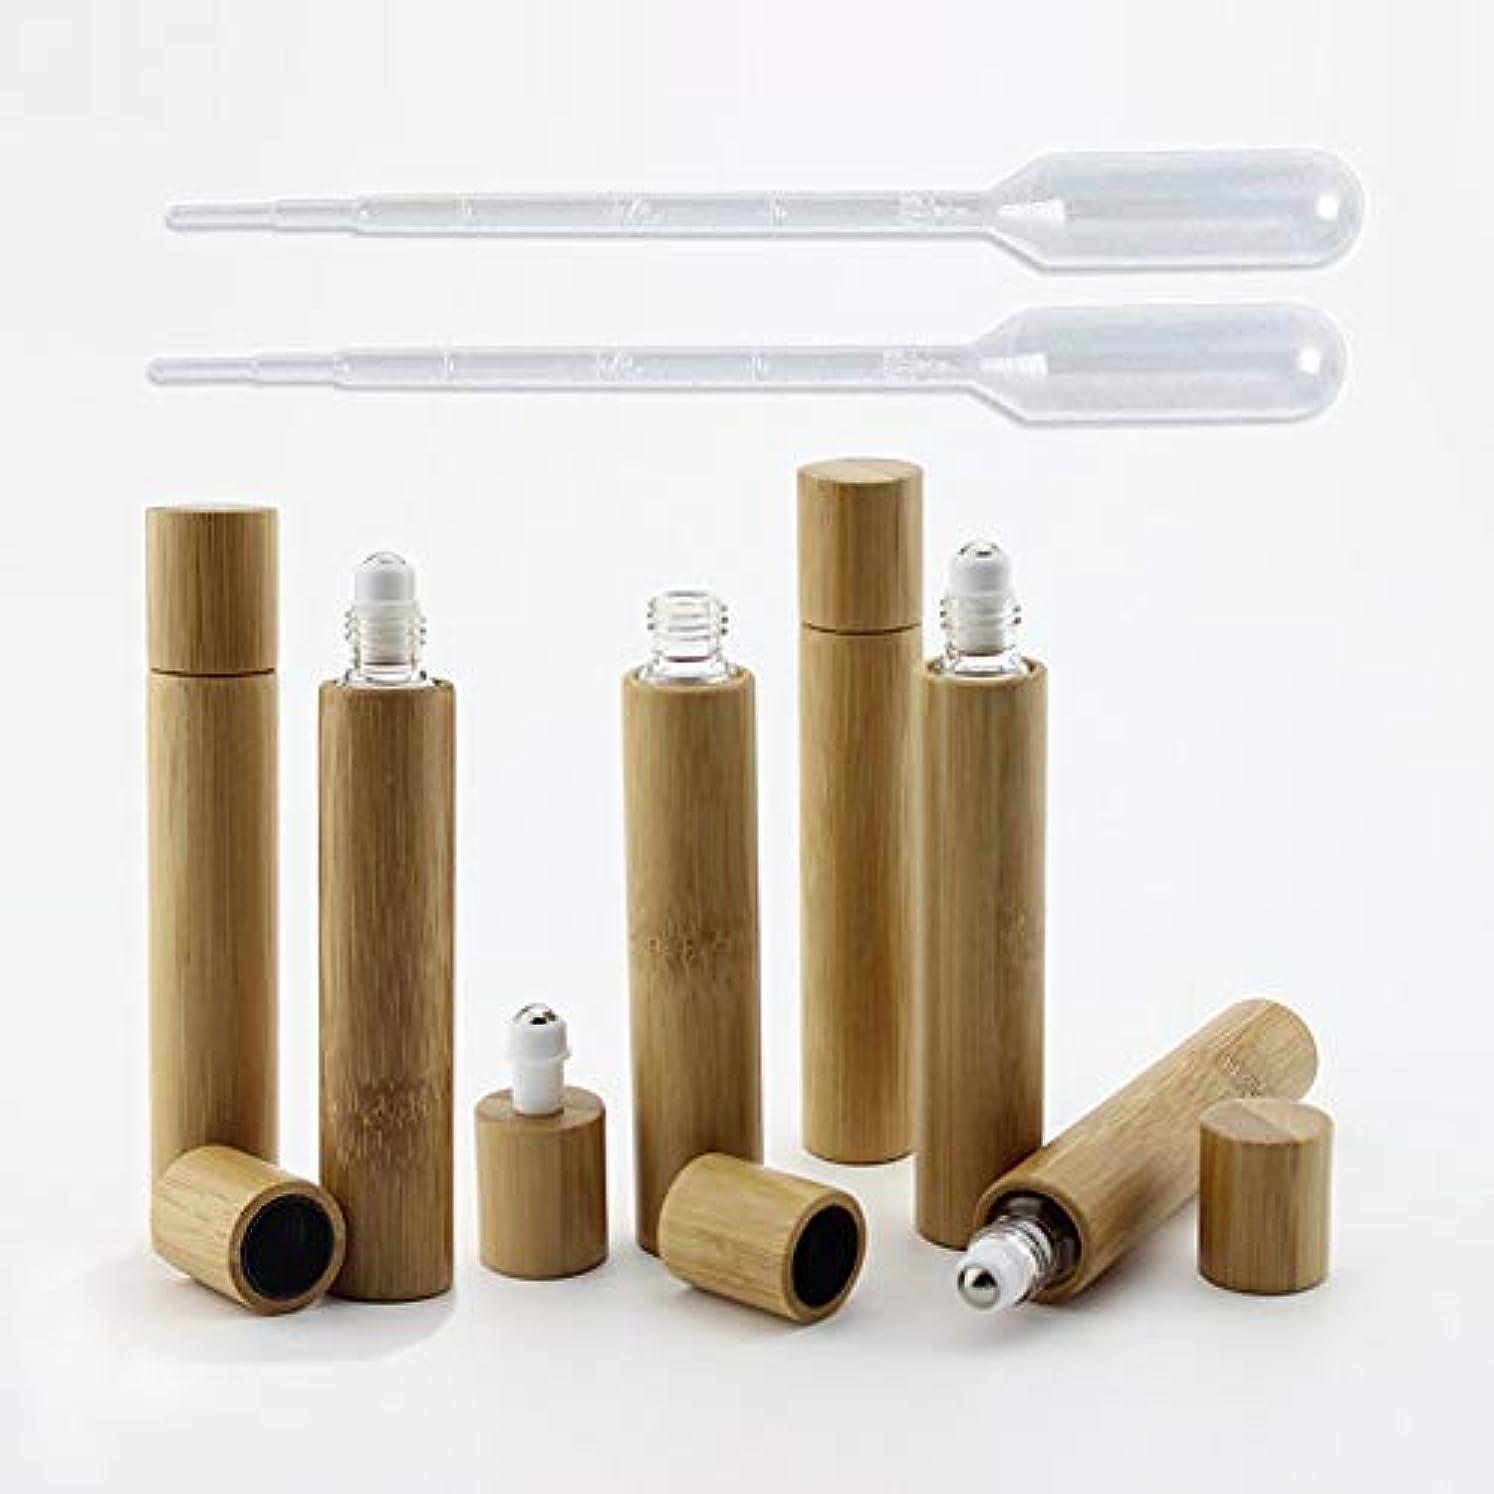 しみ国旗ブレーク6 Pieces Roll On Bottles 10ml Bamboo Shell Clear Glass Roller Bottles Empty Refillable Essential Oil Roller Bottles...